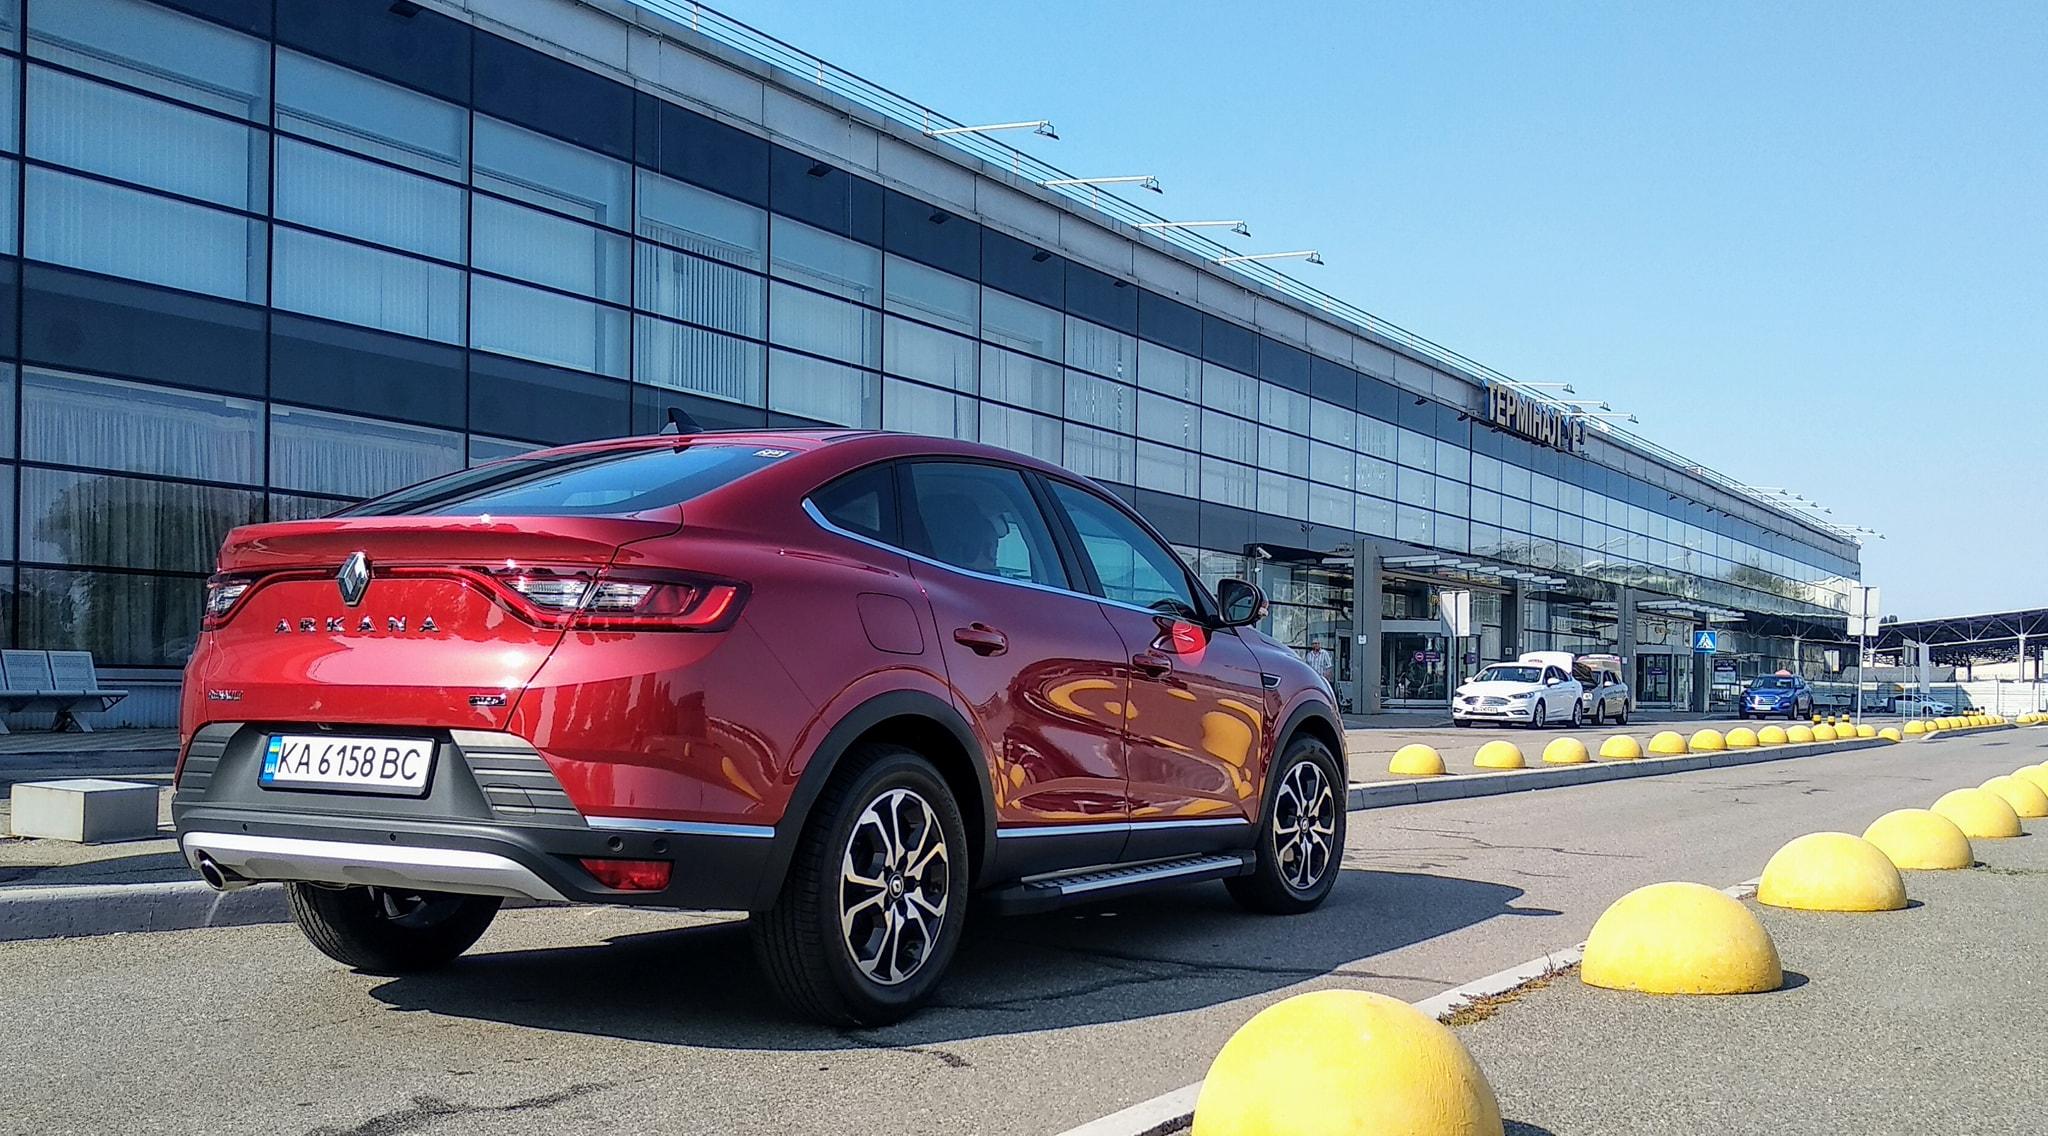 Renault Arkana від ЗАЗу вже продають за 468 тисяч гривень